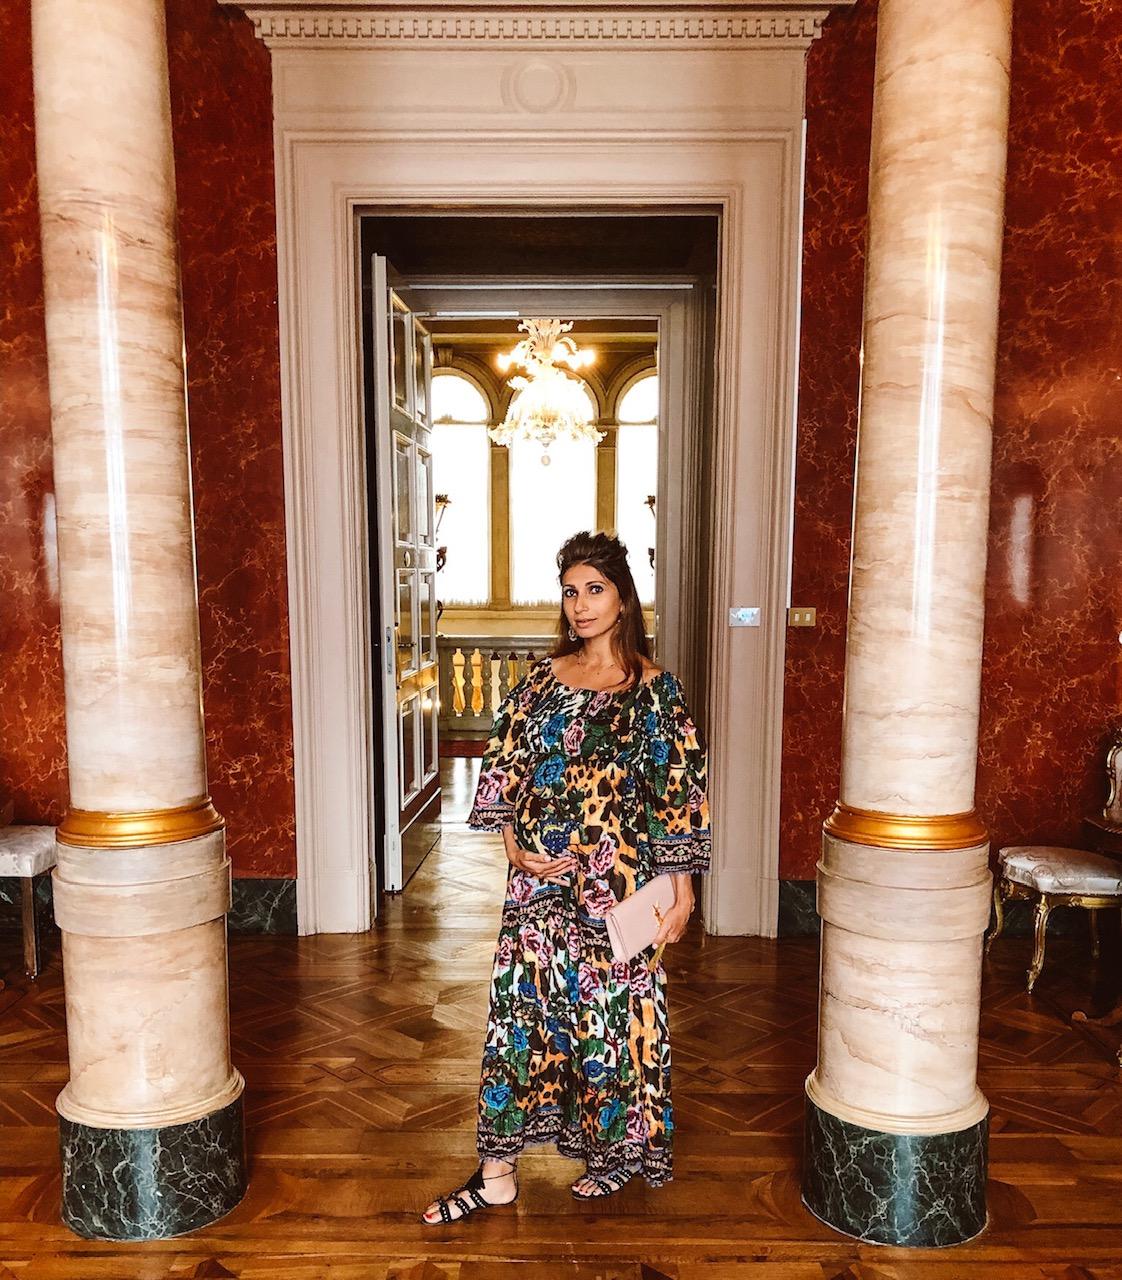 Grand Villa Serbelloni